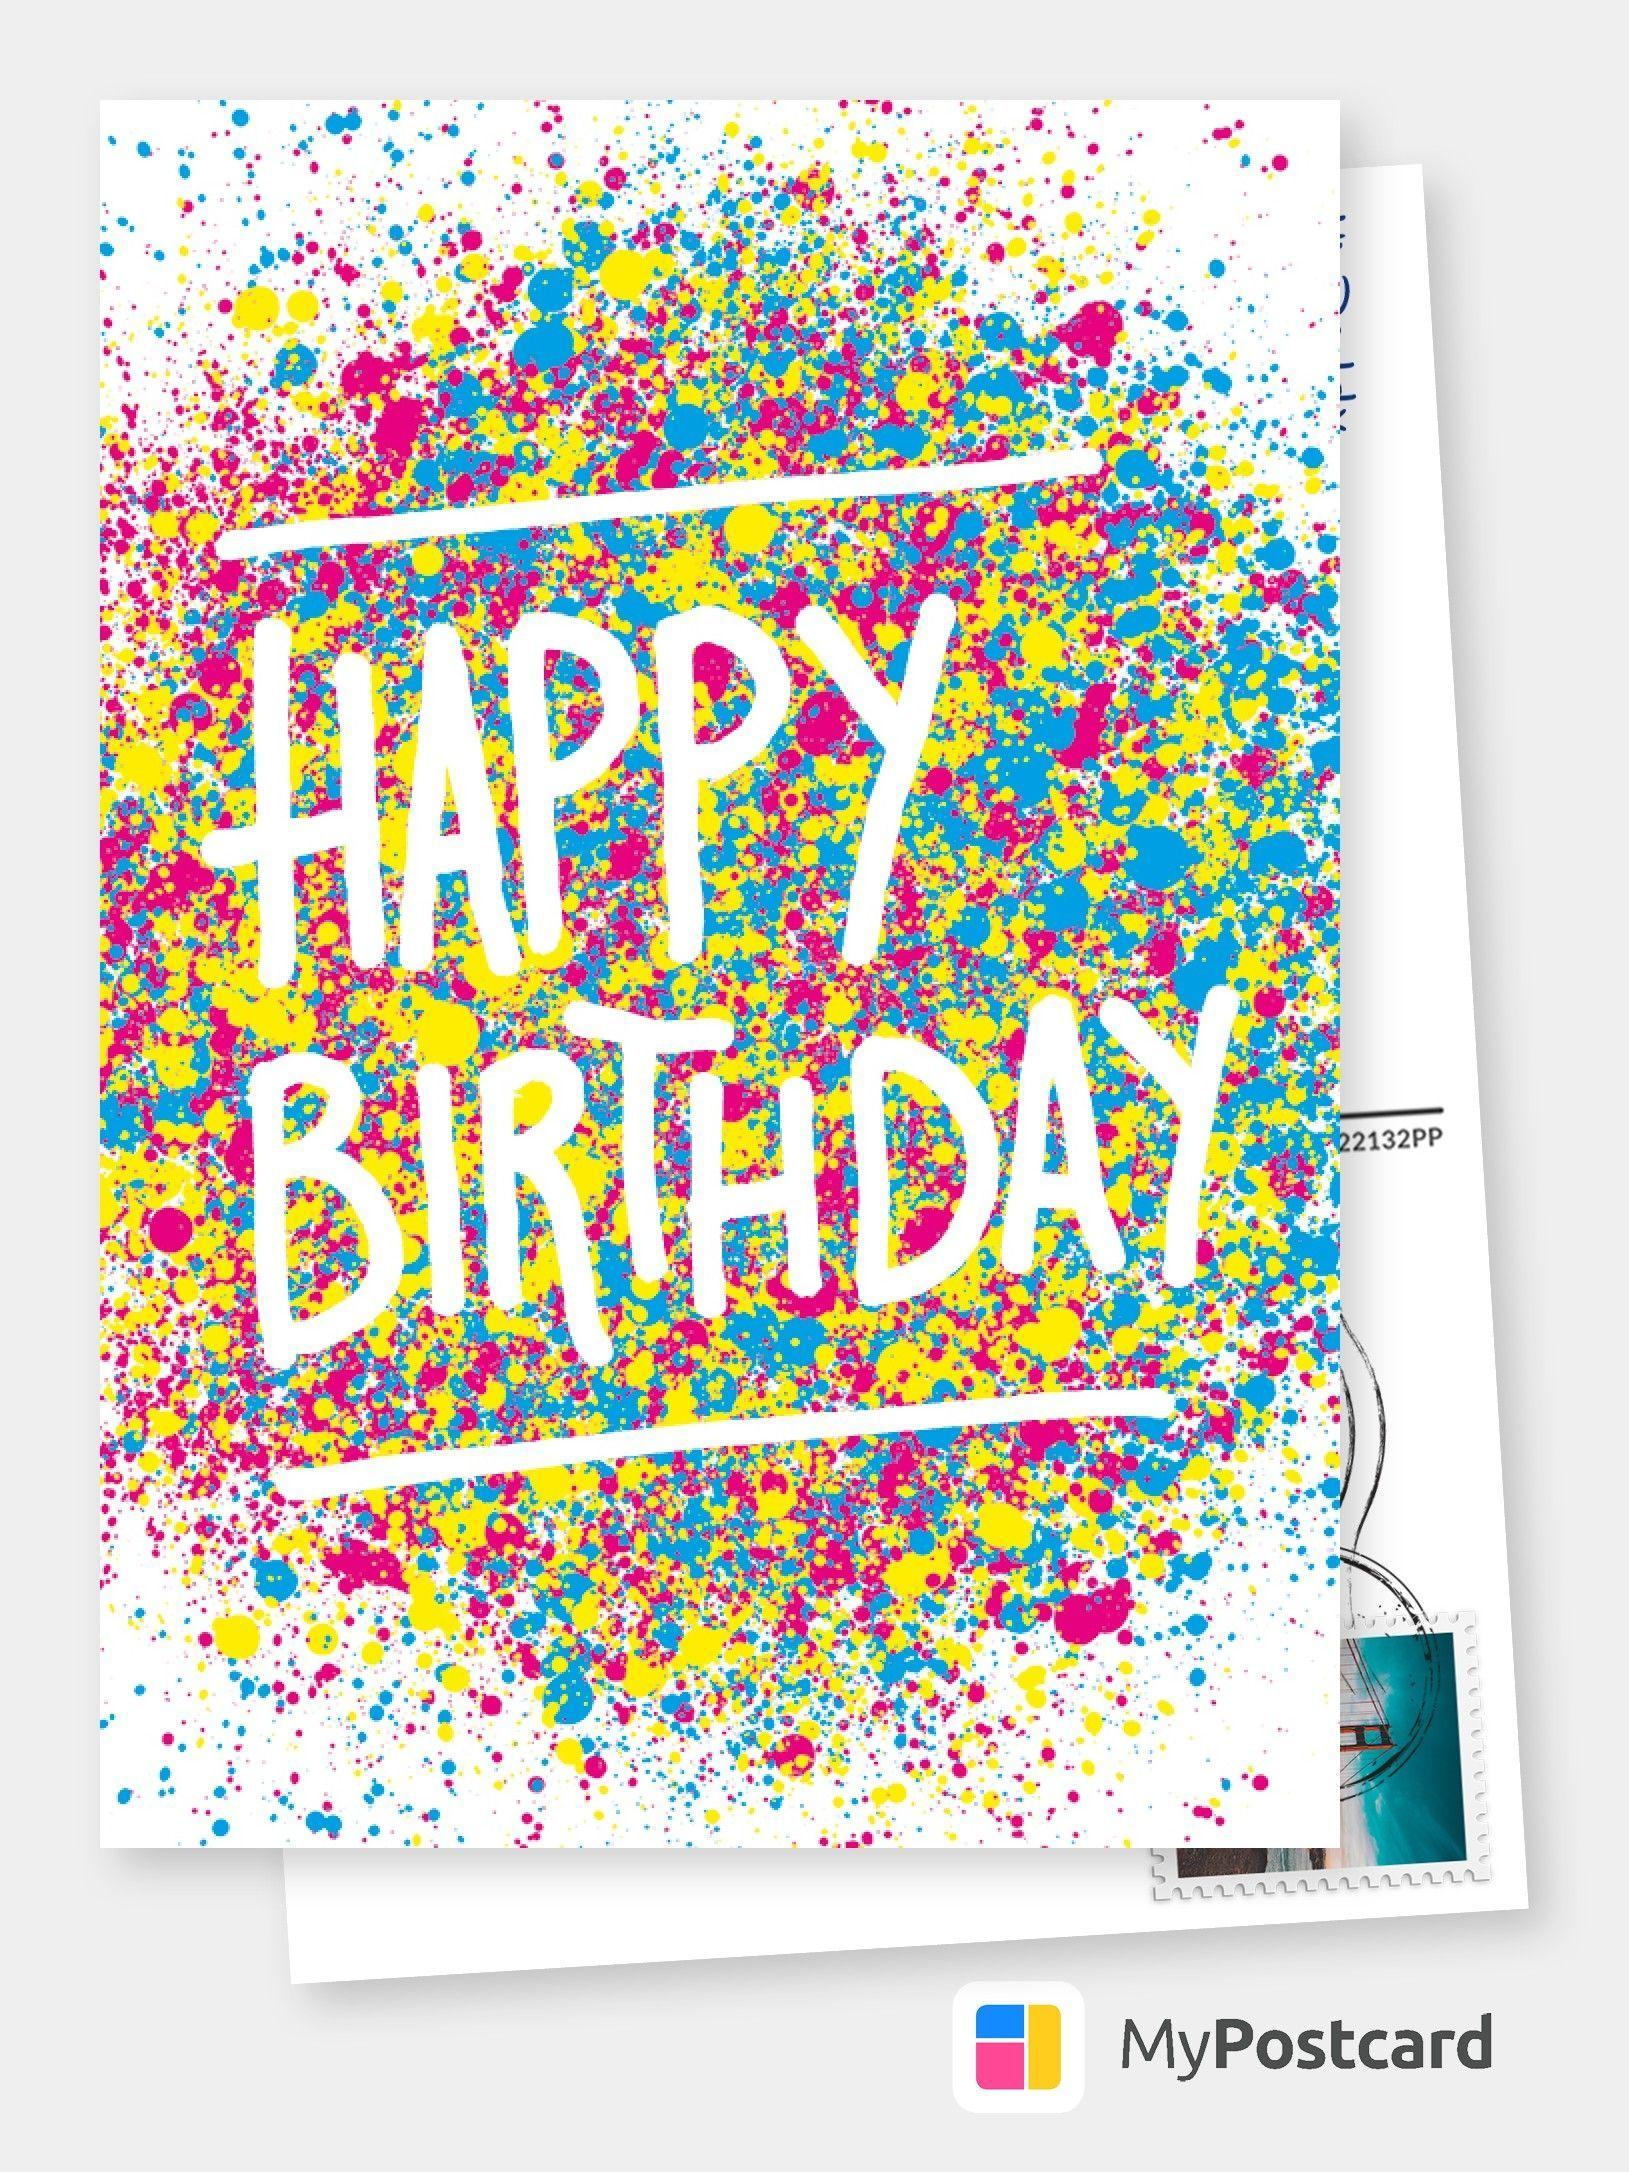 Birthday Postcard Design - Birthday Postcard / Birthday Greetings